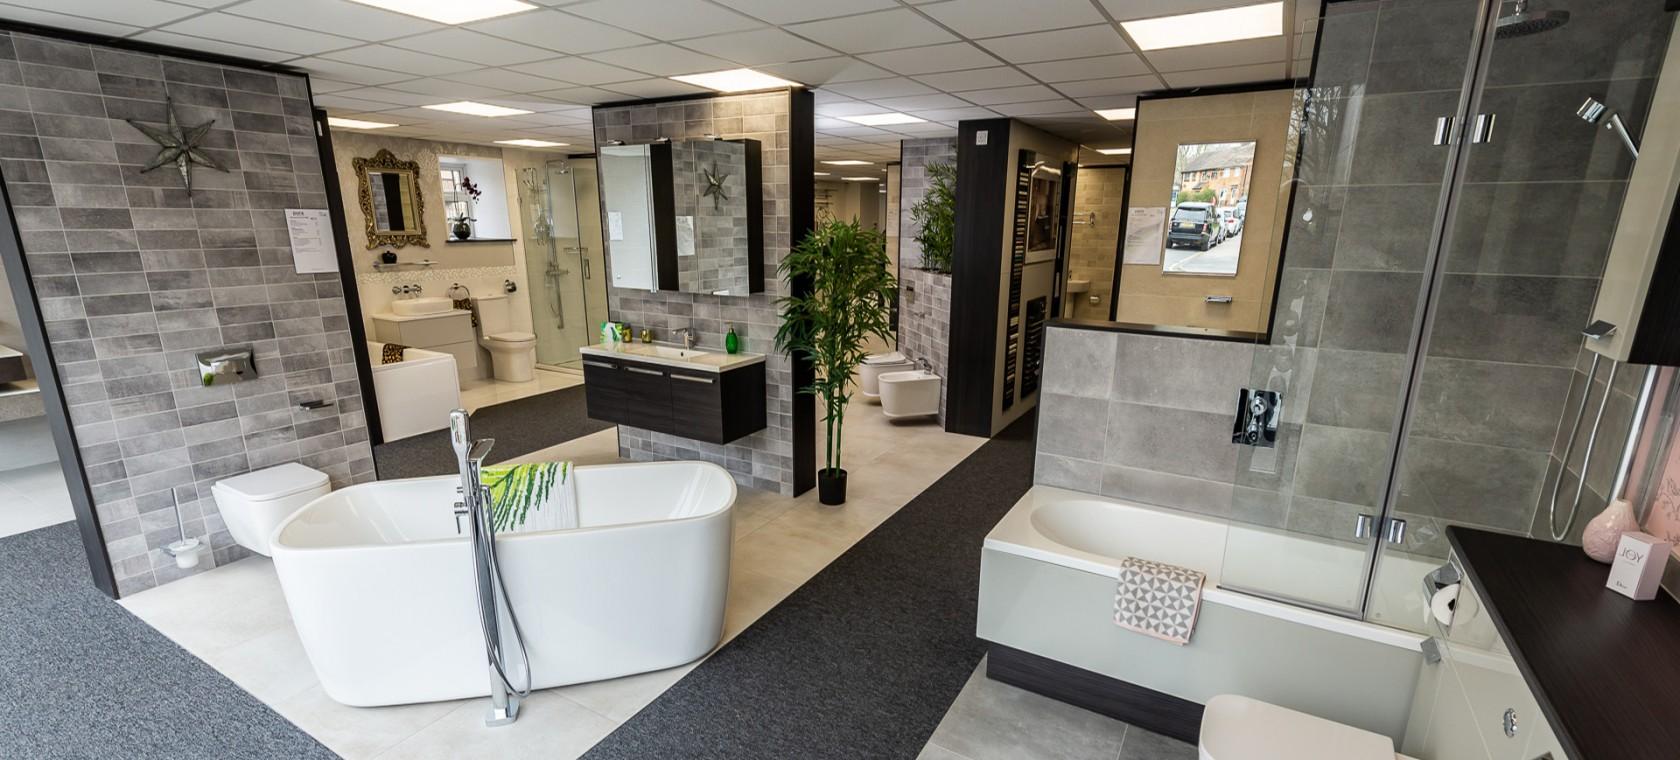 Ware Bathroom Centre Ware Bathroom Centre